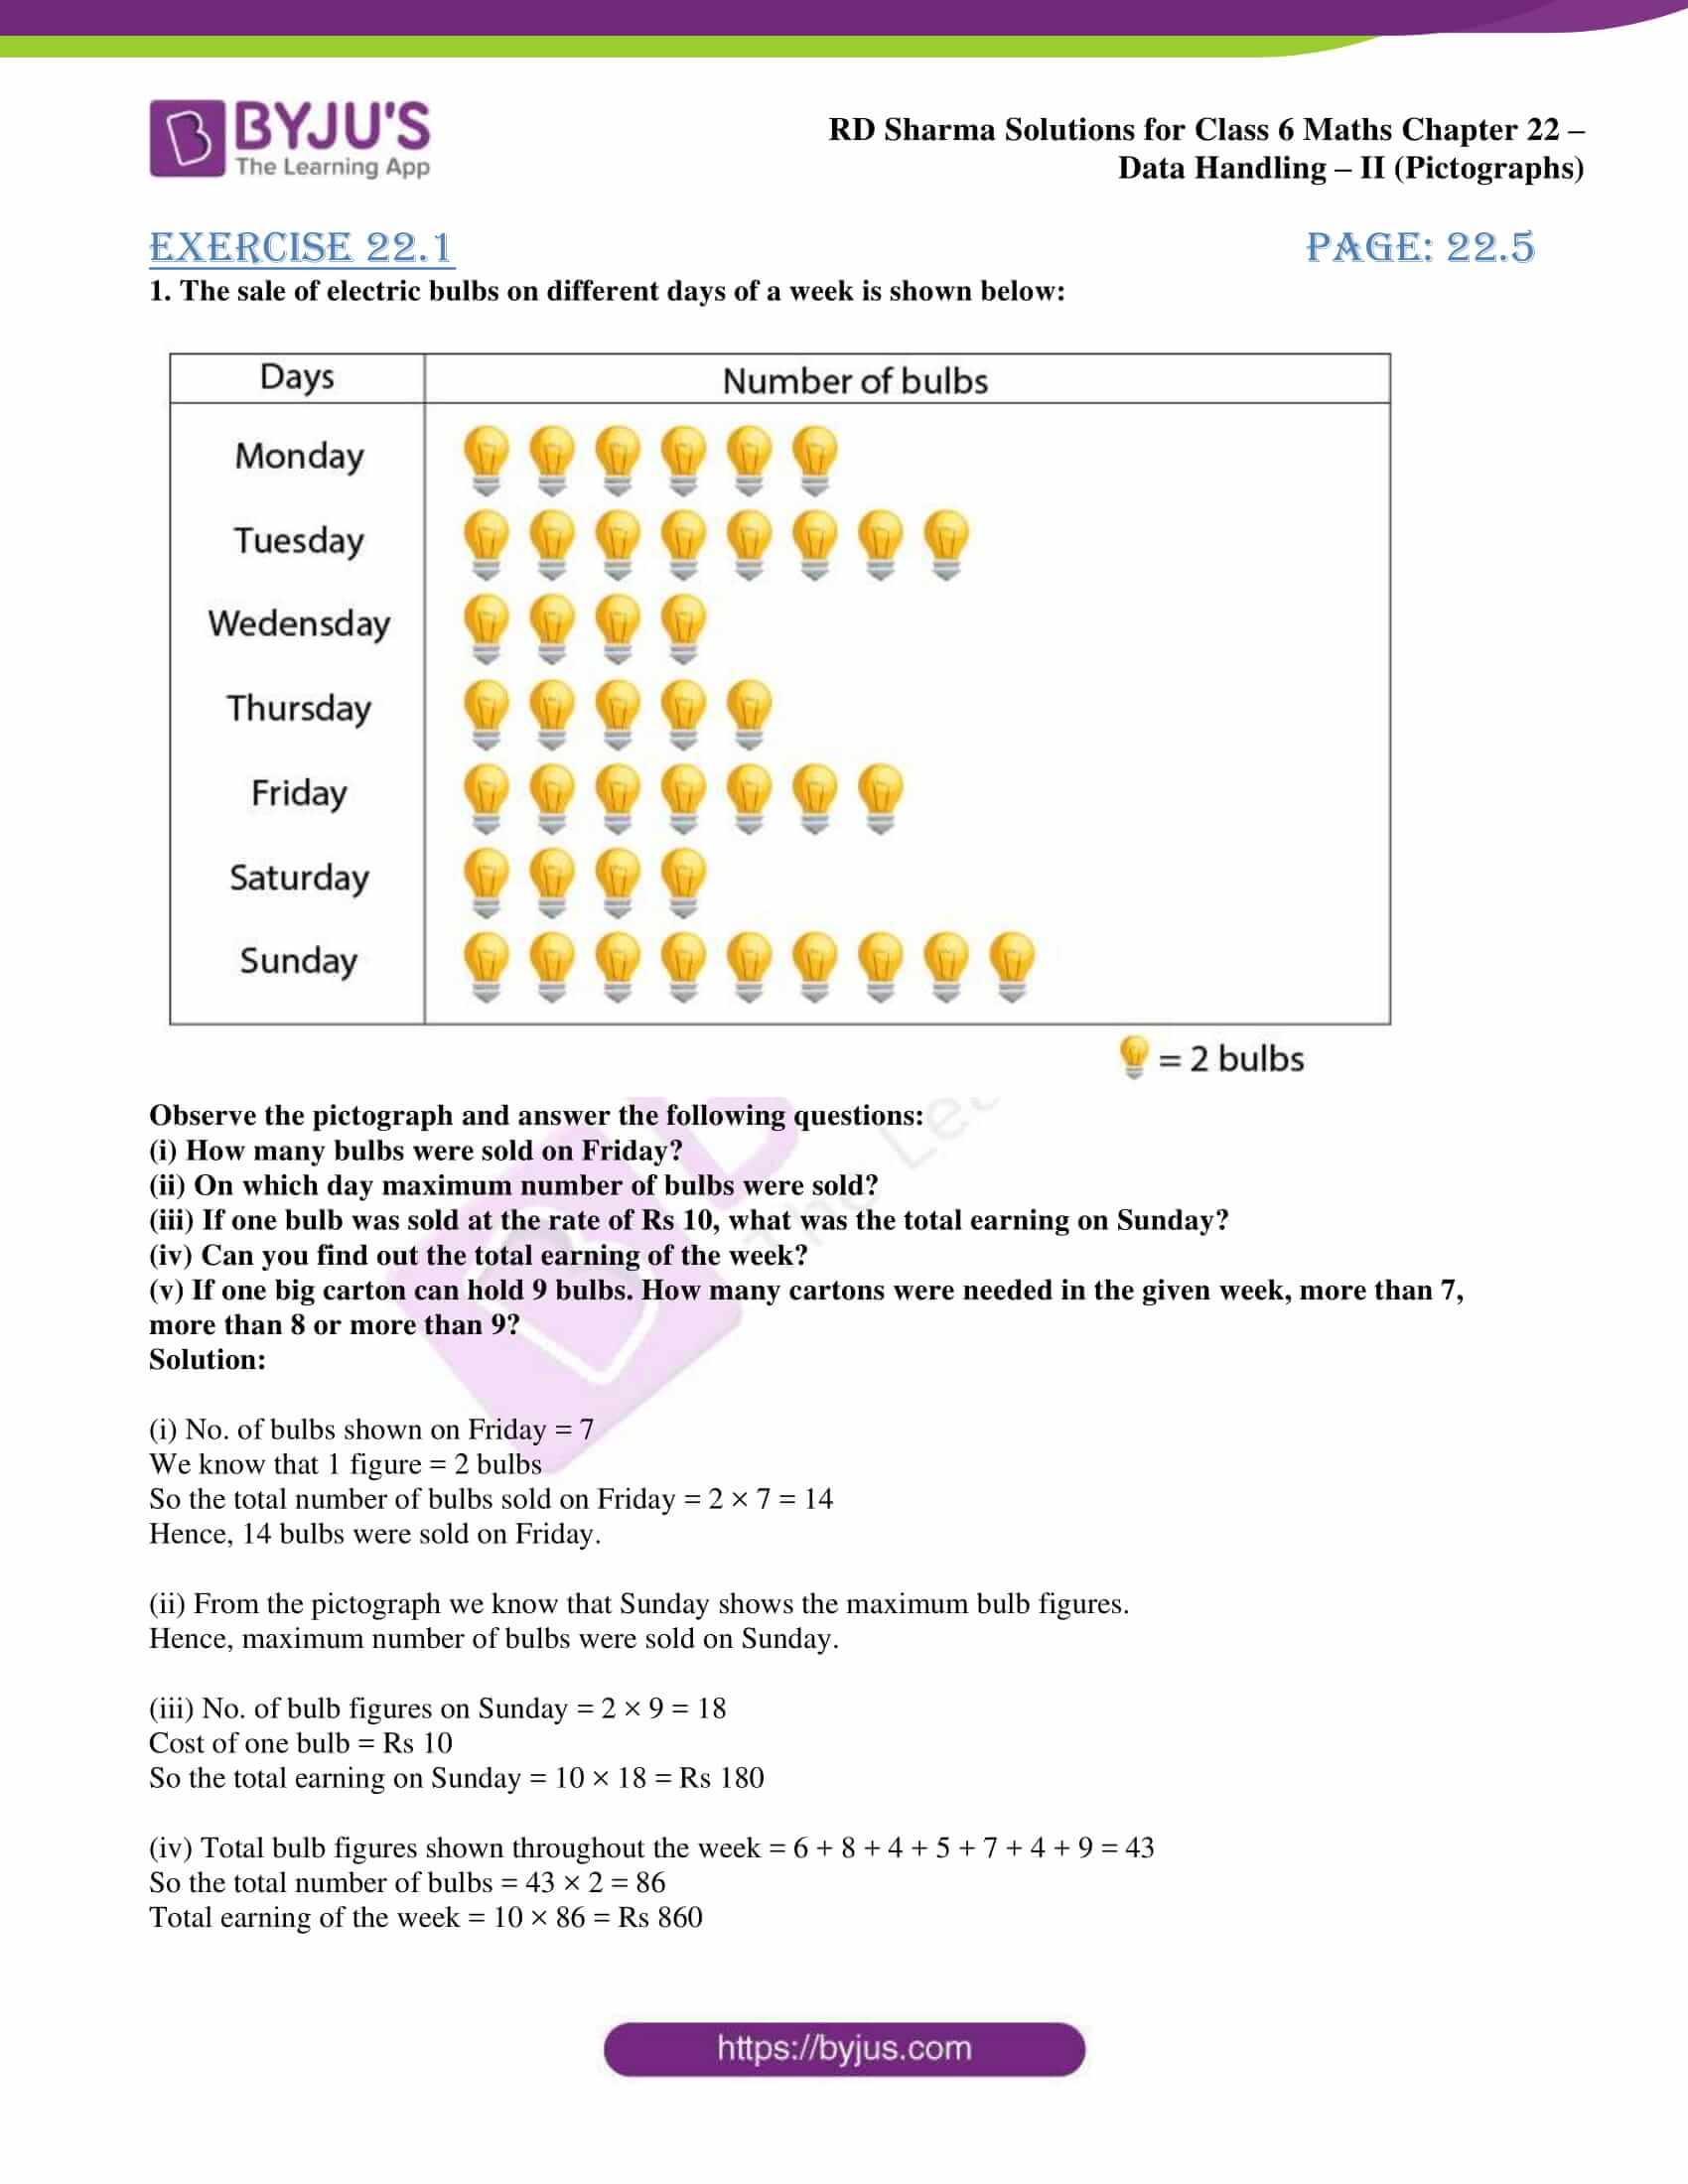 rd sharma solutions class 6 maths chapter 22